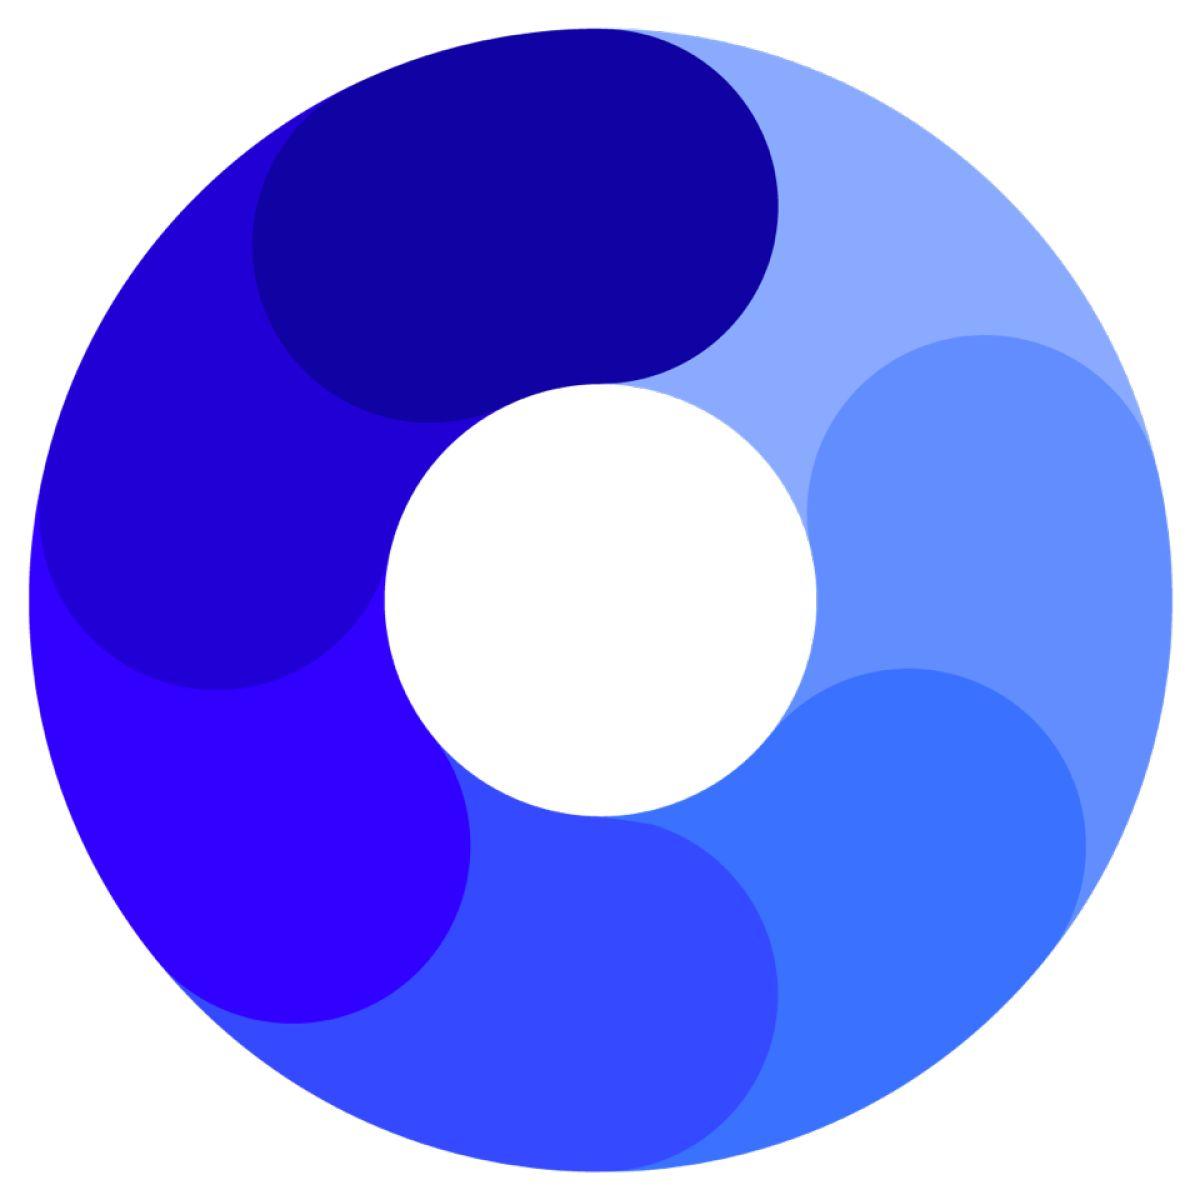 Het nieuwe NUOVO logo